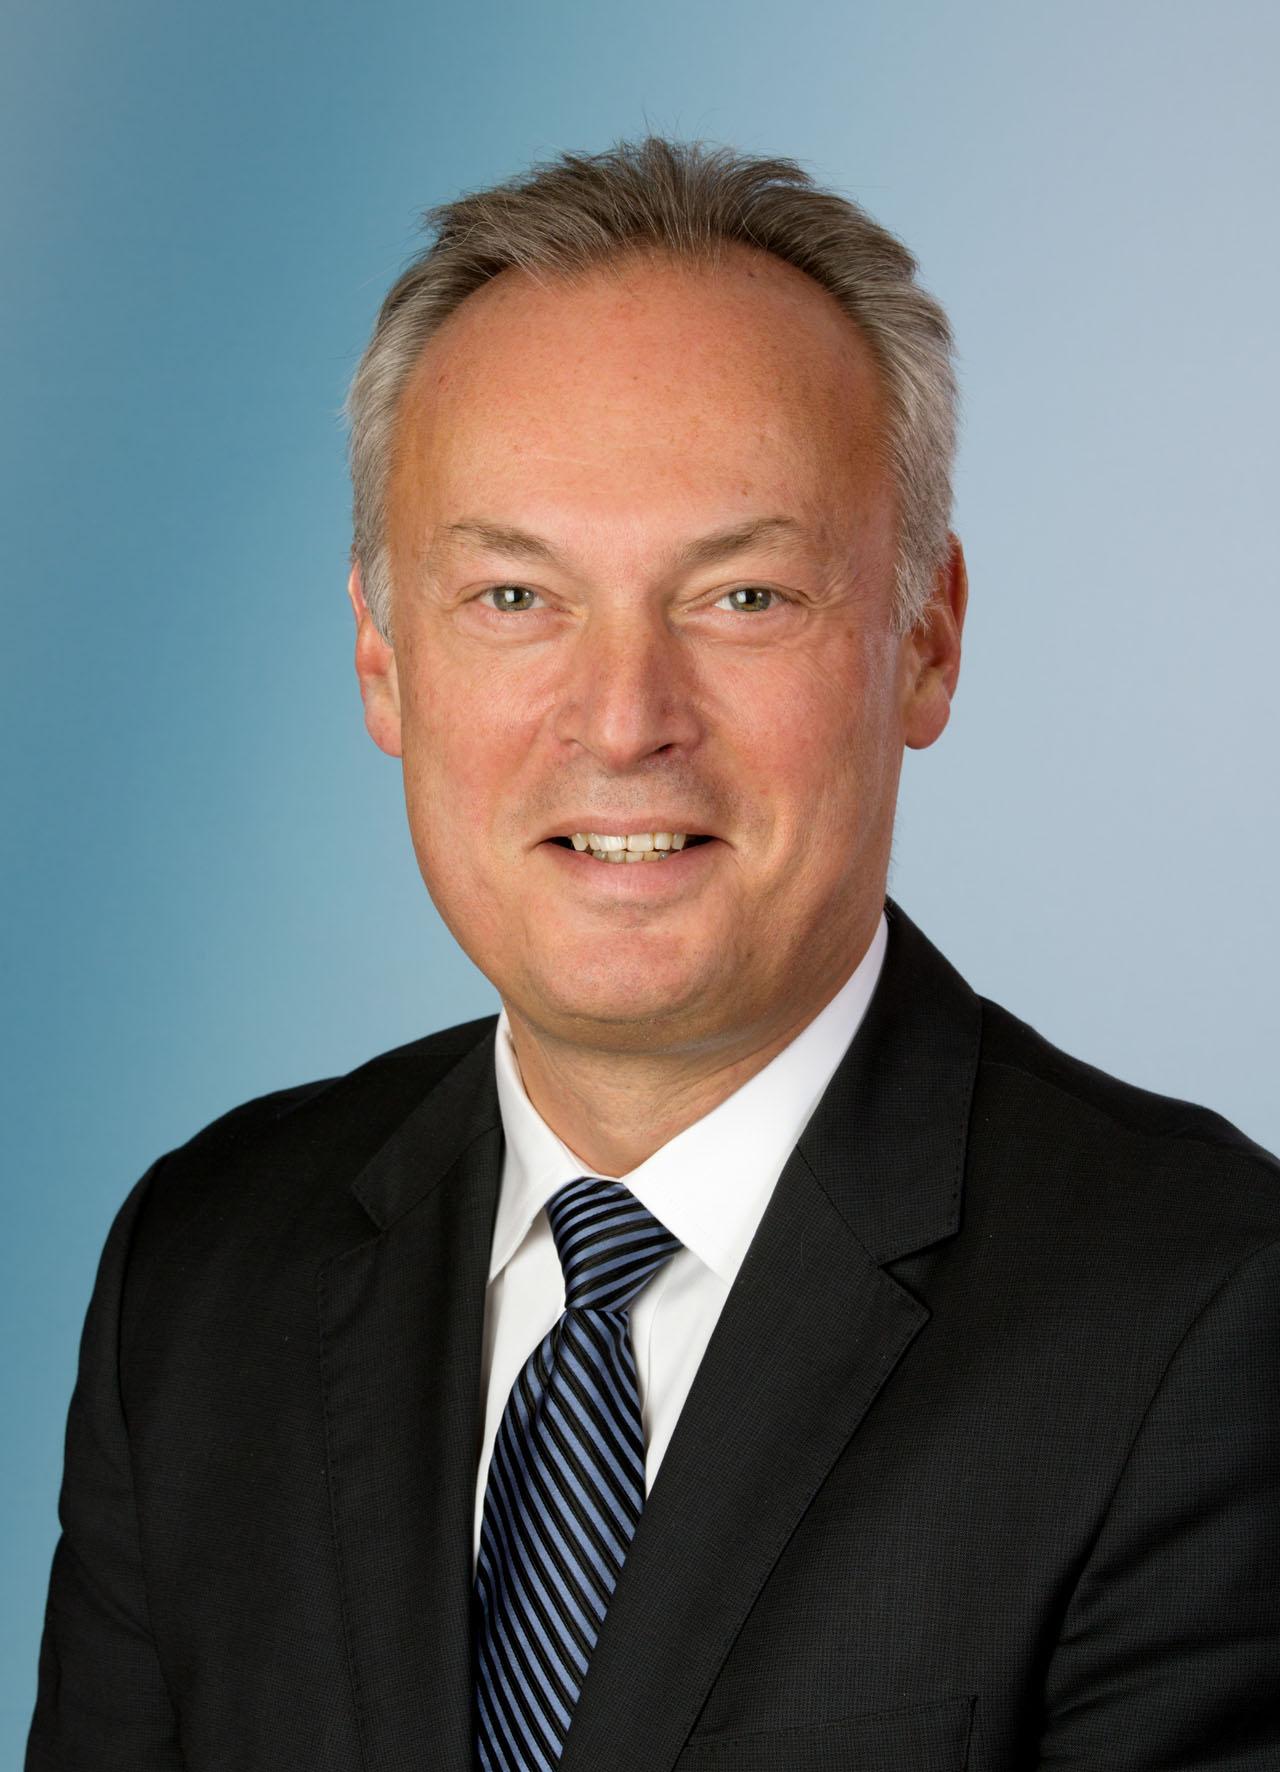 255 Kb Borgwarner Names Frederic Lissalde Ceo